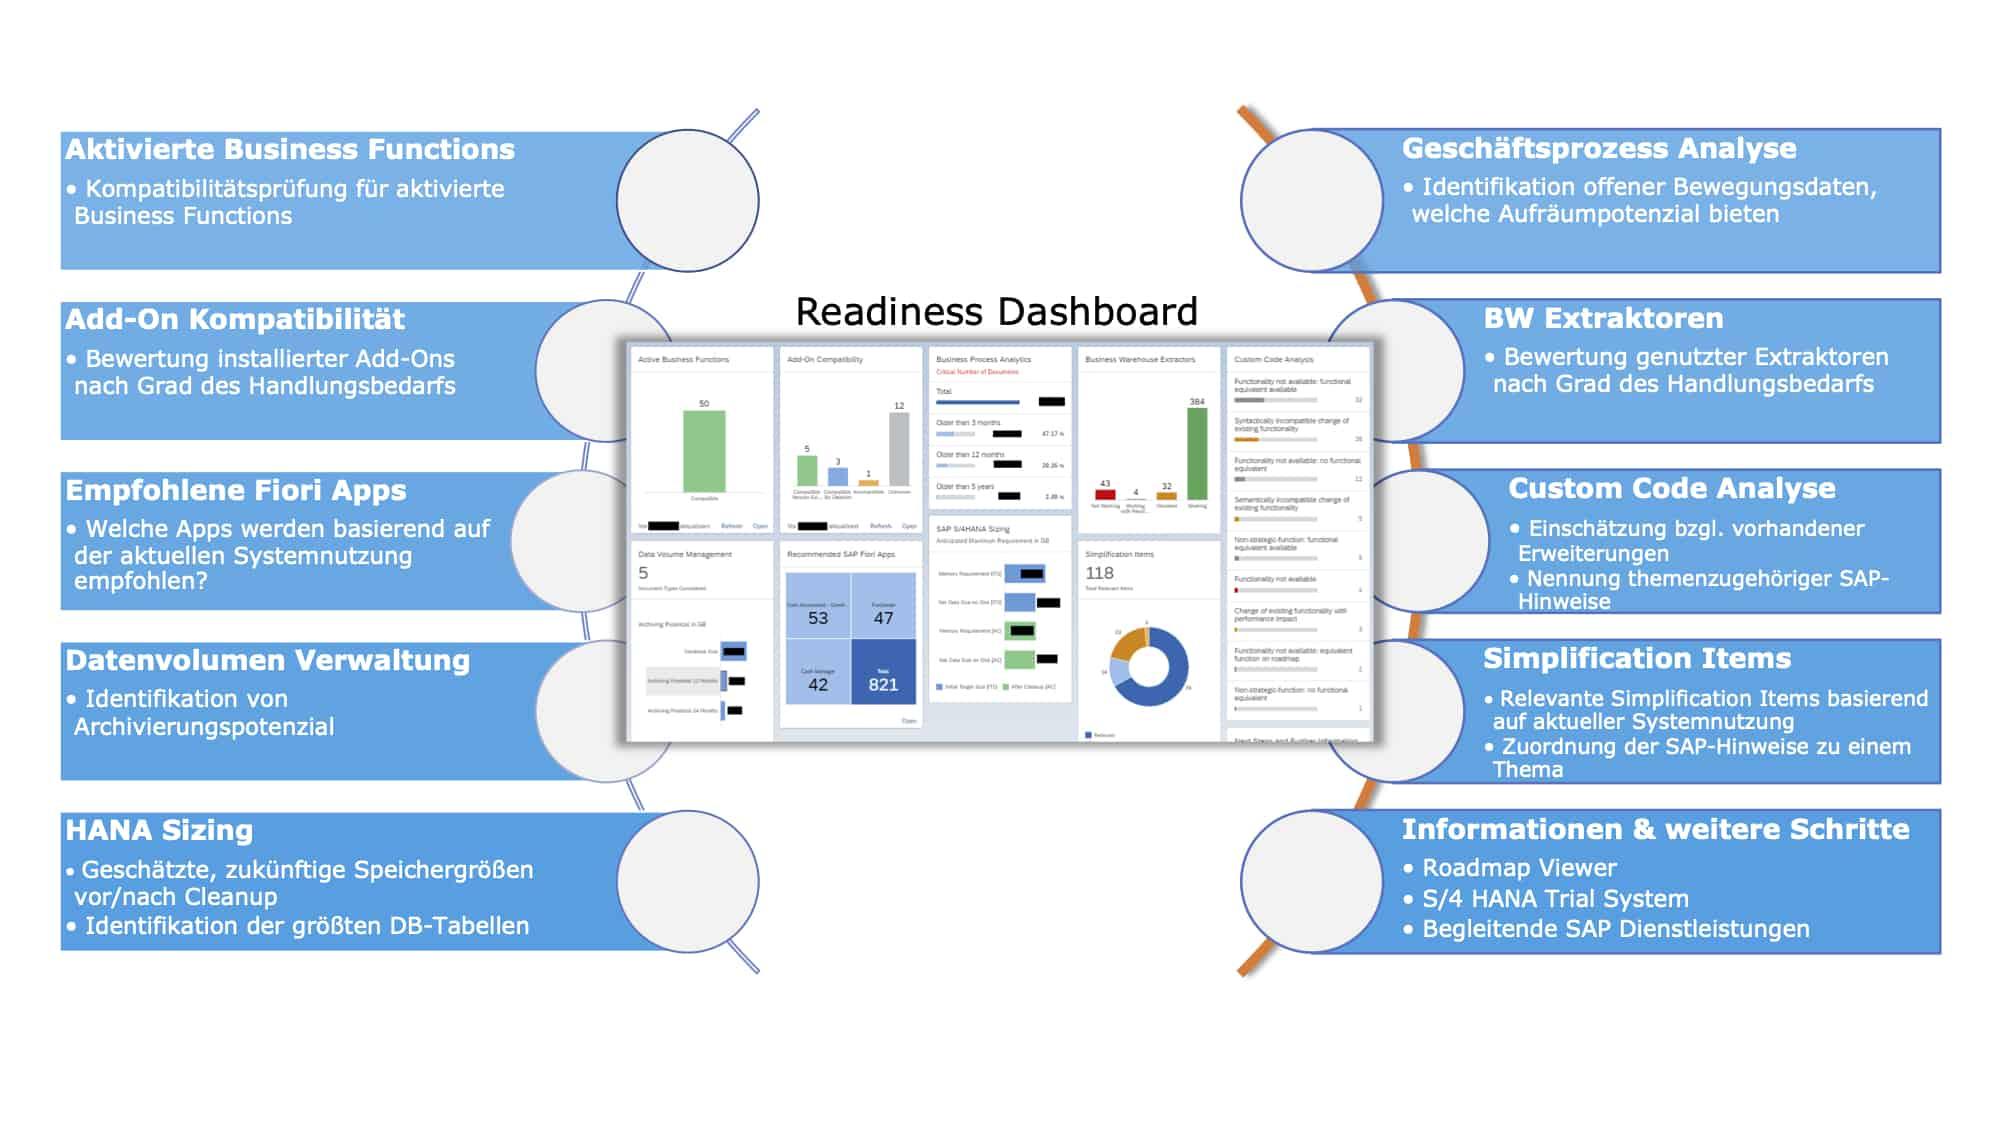 SAP S/4HANA Readiness Dashboard